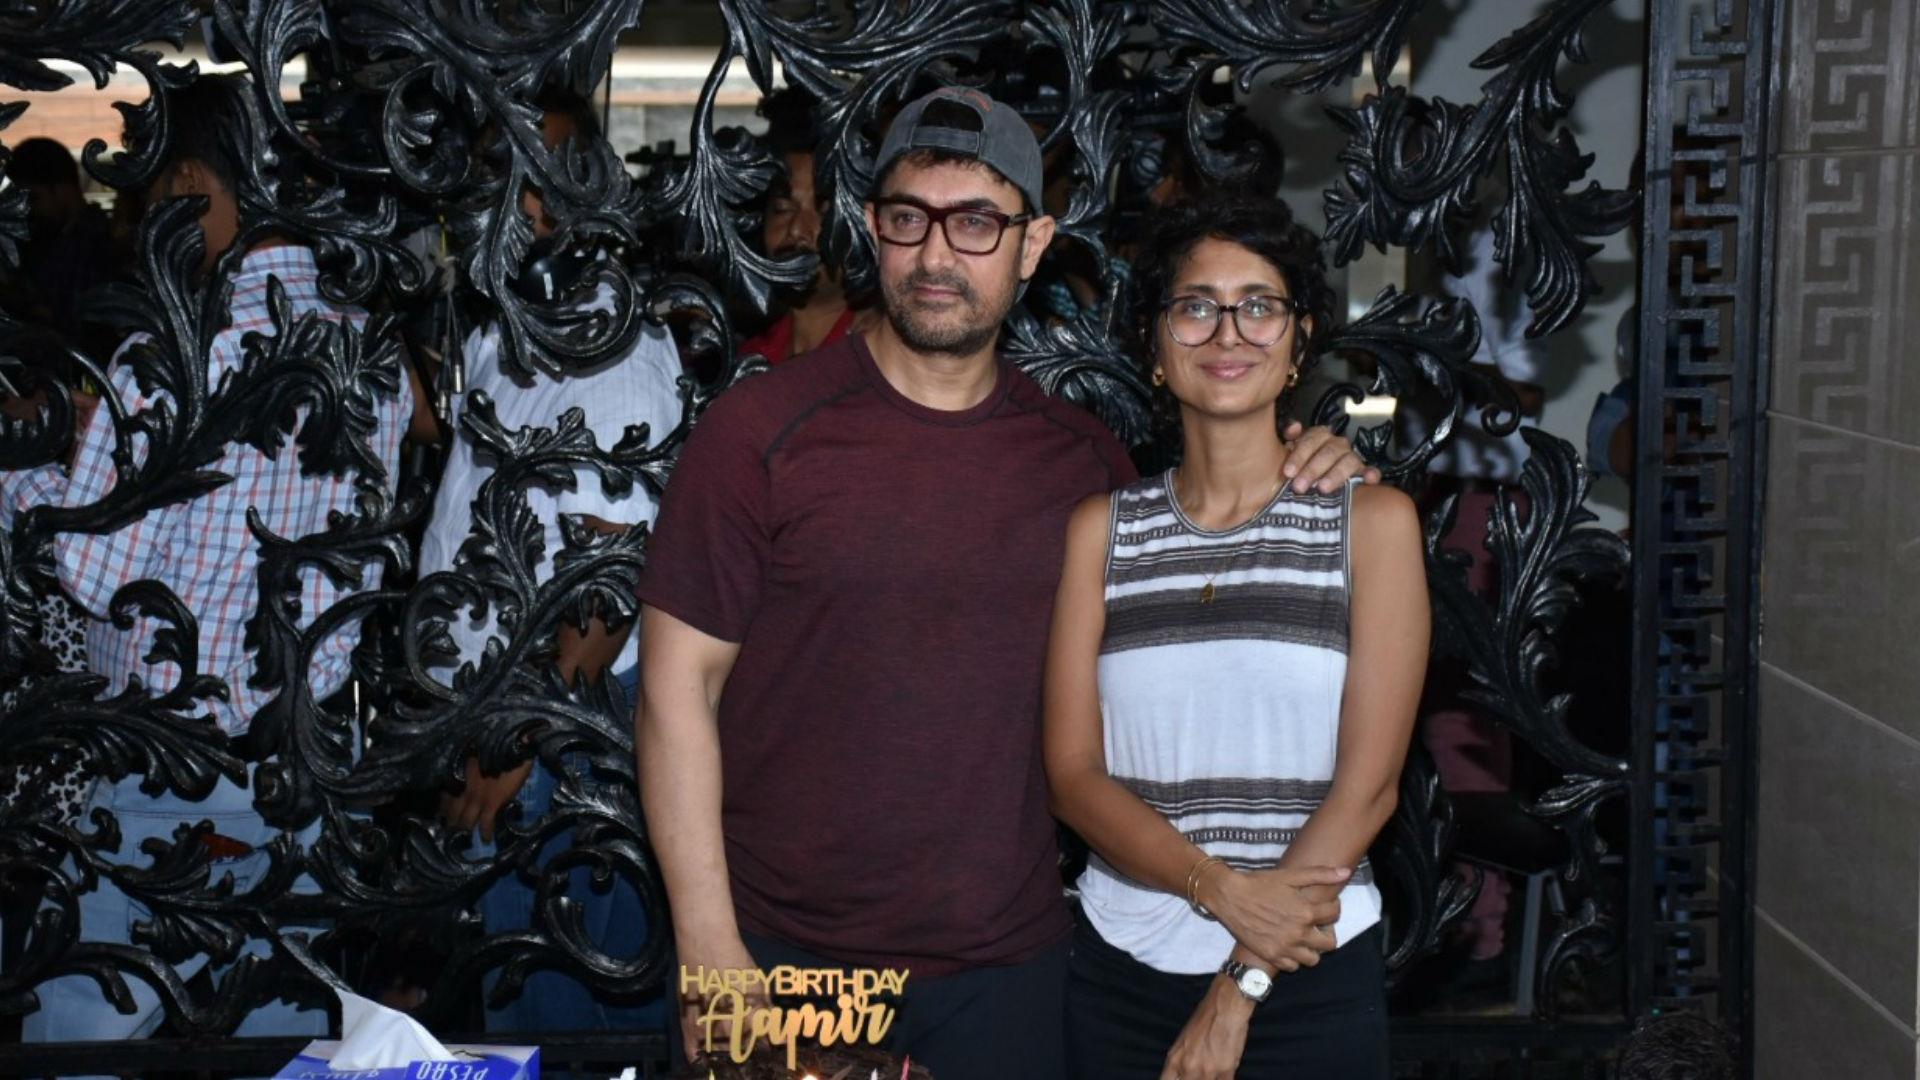 आमिर खान ने पत्नी किरण राव के साथ ऐसे मनाया अपना 54वां बर्थडे, बताया अपनी अपकमिंग फिल्म का नाम